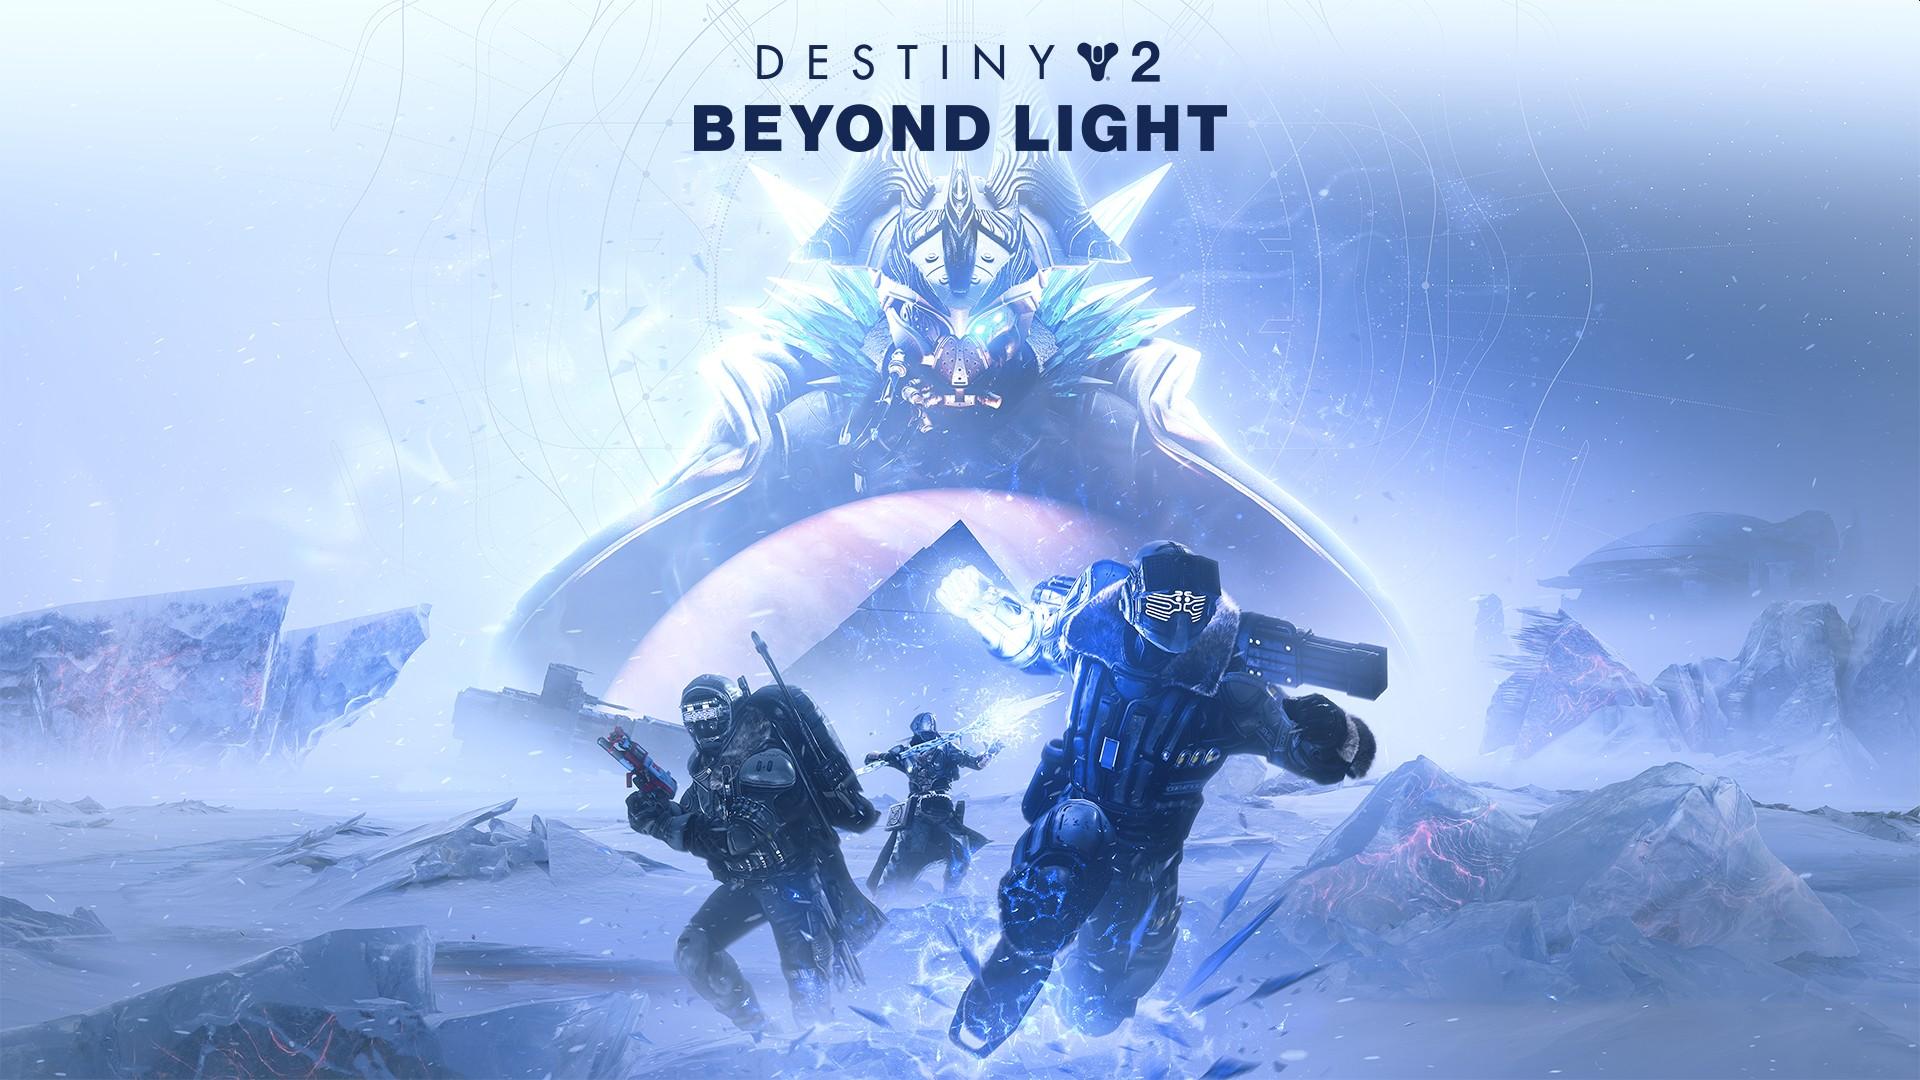 Destiny 2 Next Gen